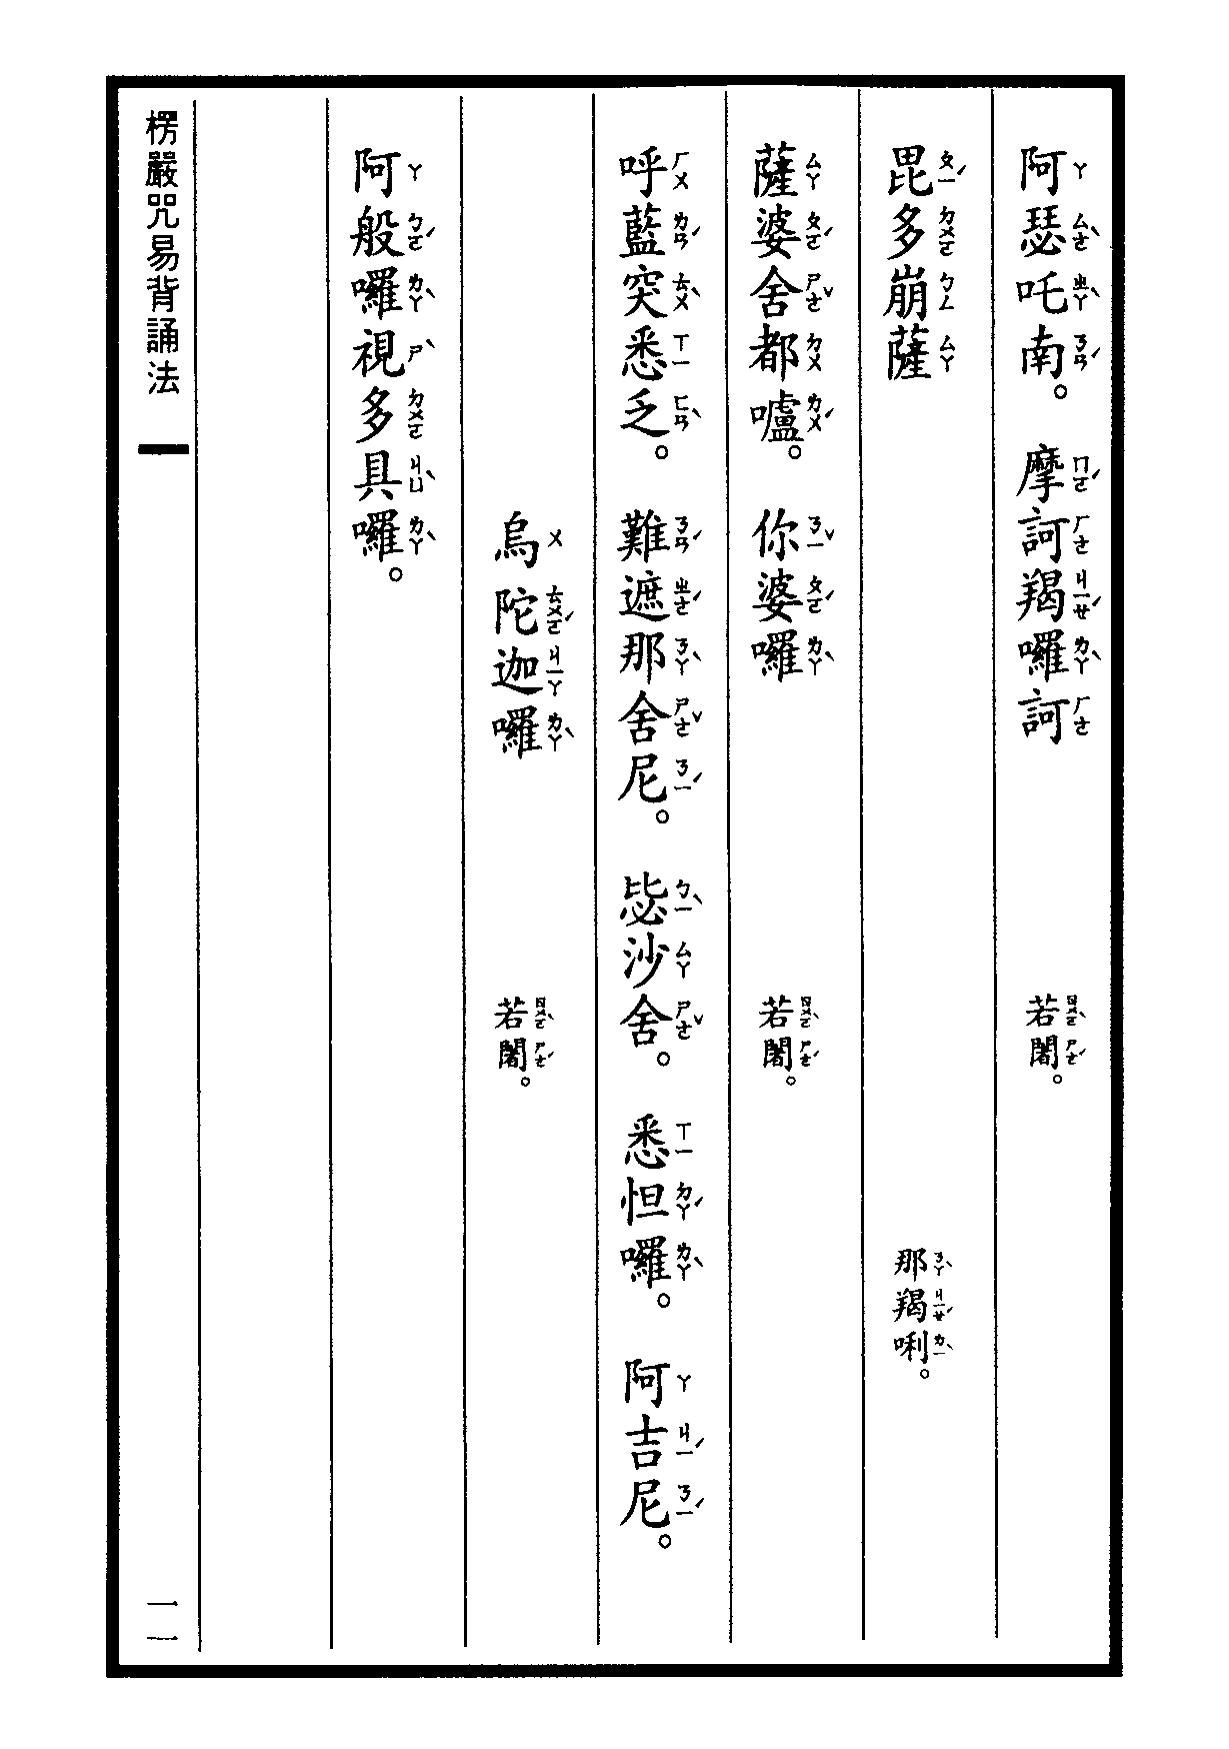 楞嚴咒-大悲咒-十小咒-易背本 17.png